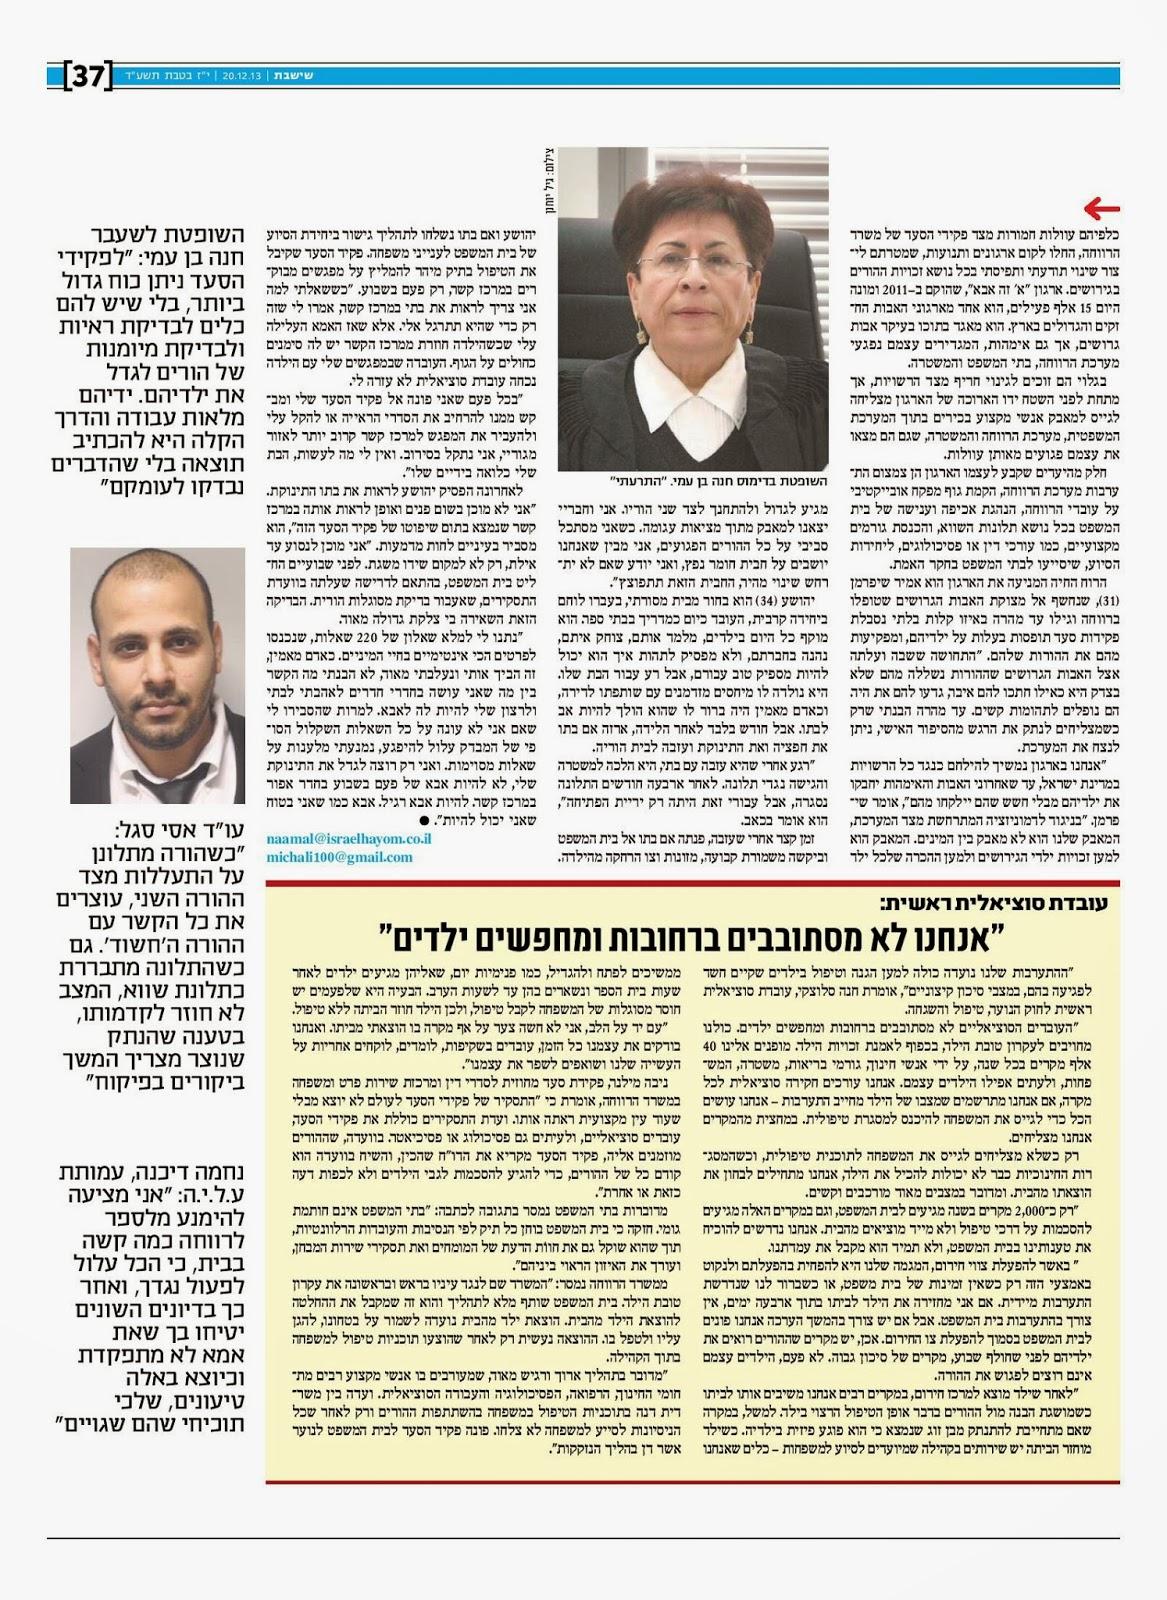 זהירות פקידי סעד - תחקיר 'ישראל היום' על פשעי משרד הרווחה נגד הורים וילדים - דצמבר 2013